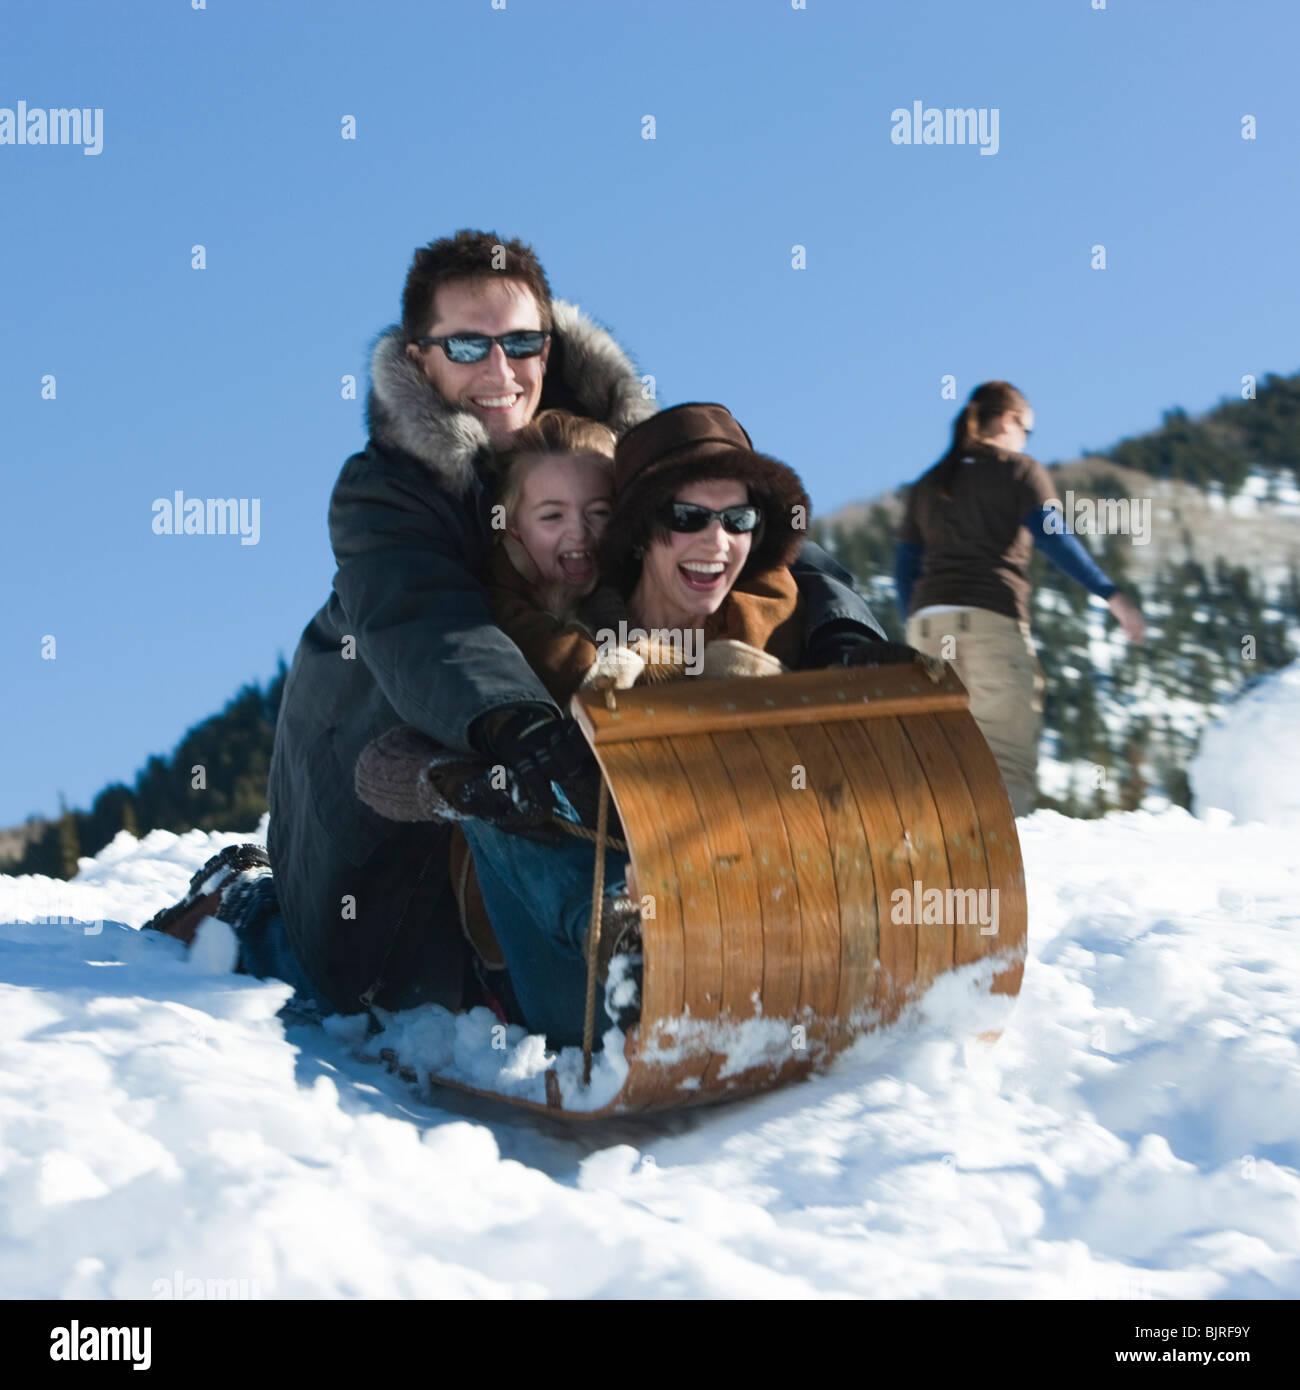 USA, Utah, Big Cottonwood Canyon, parents and daughter (8-9) tobogganing in mountains - Stock Image